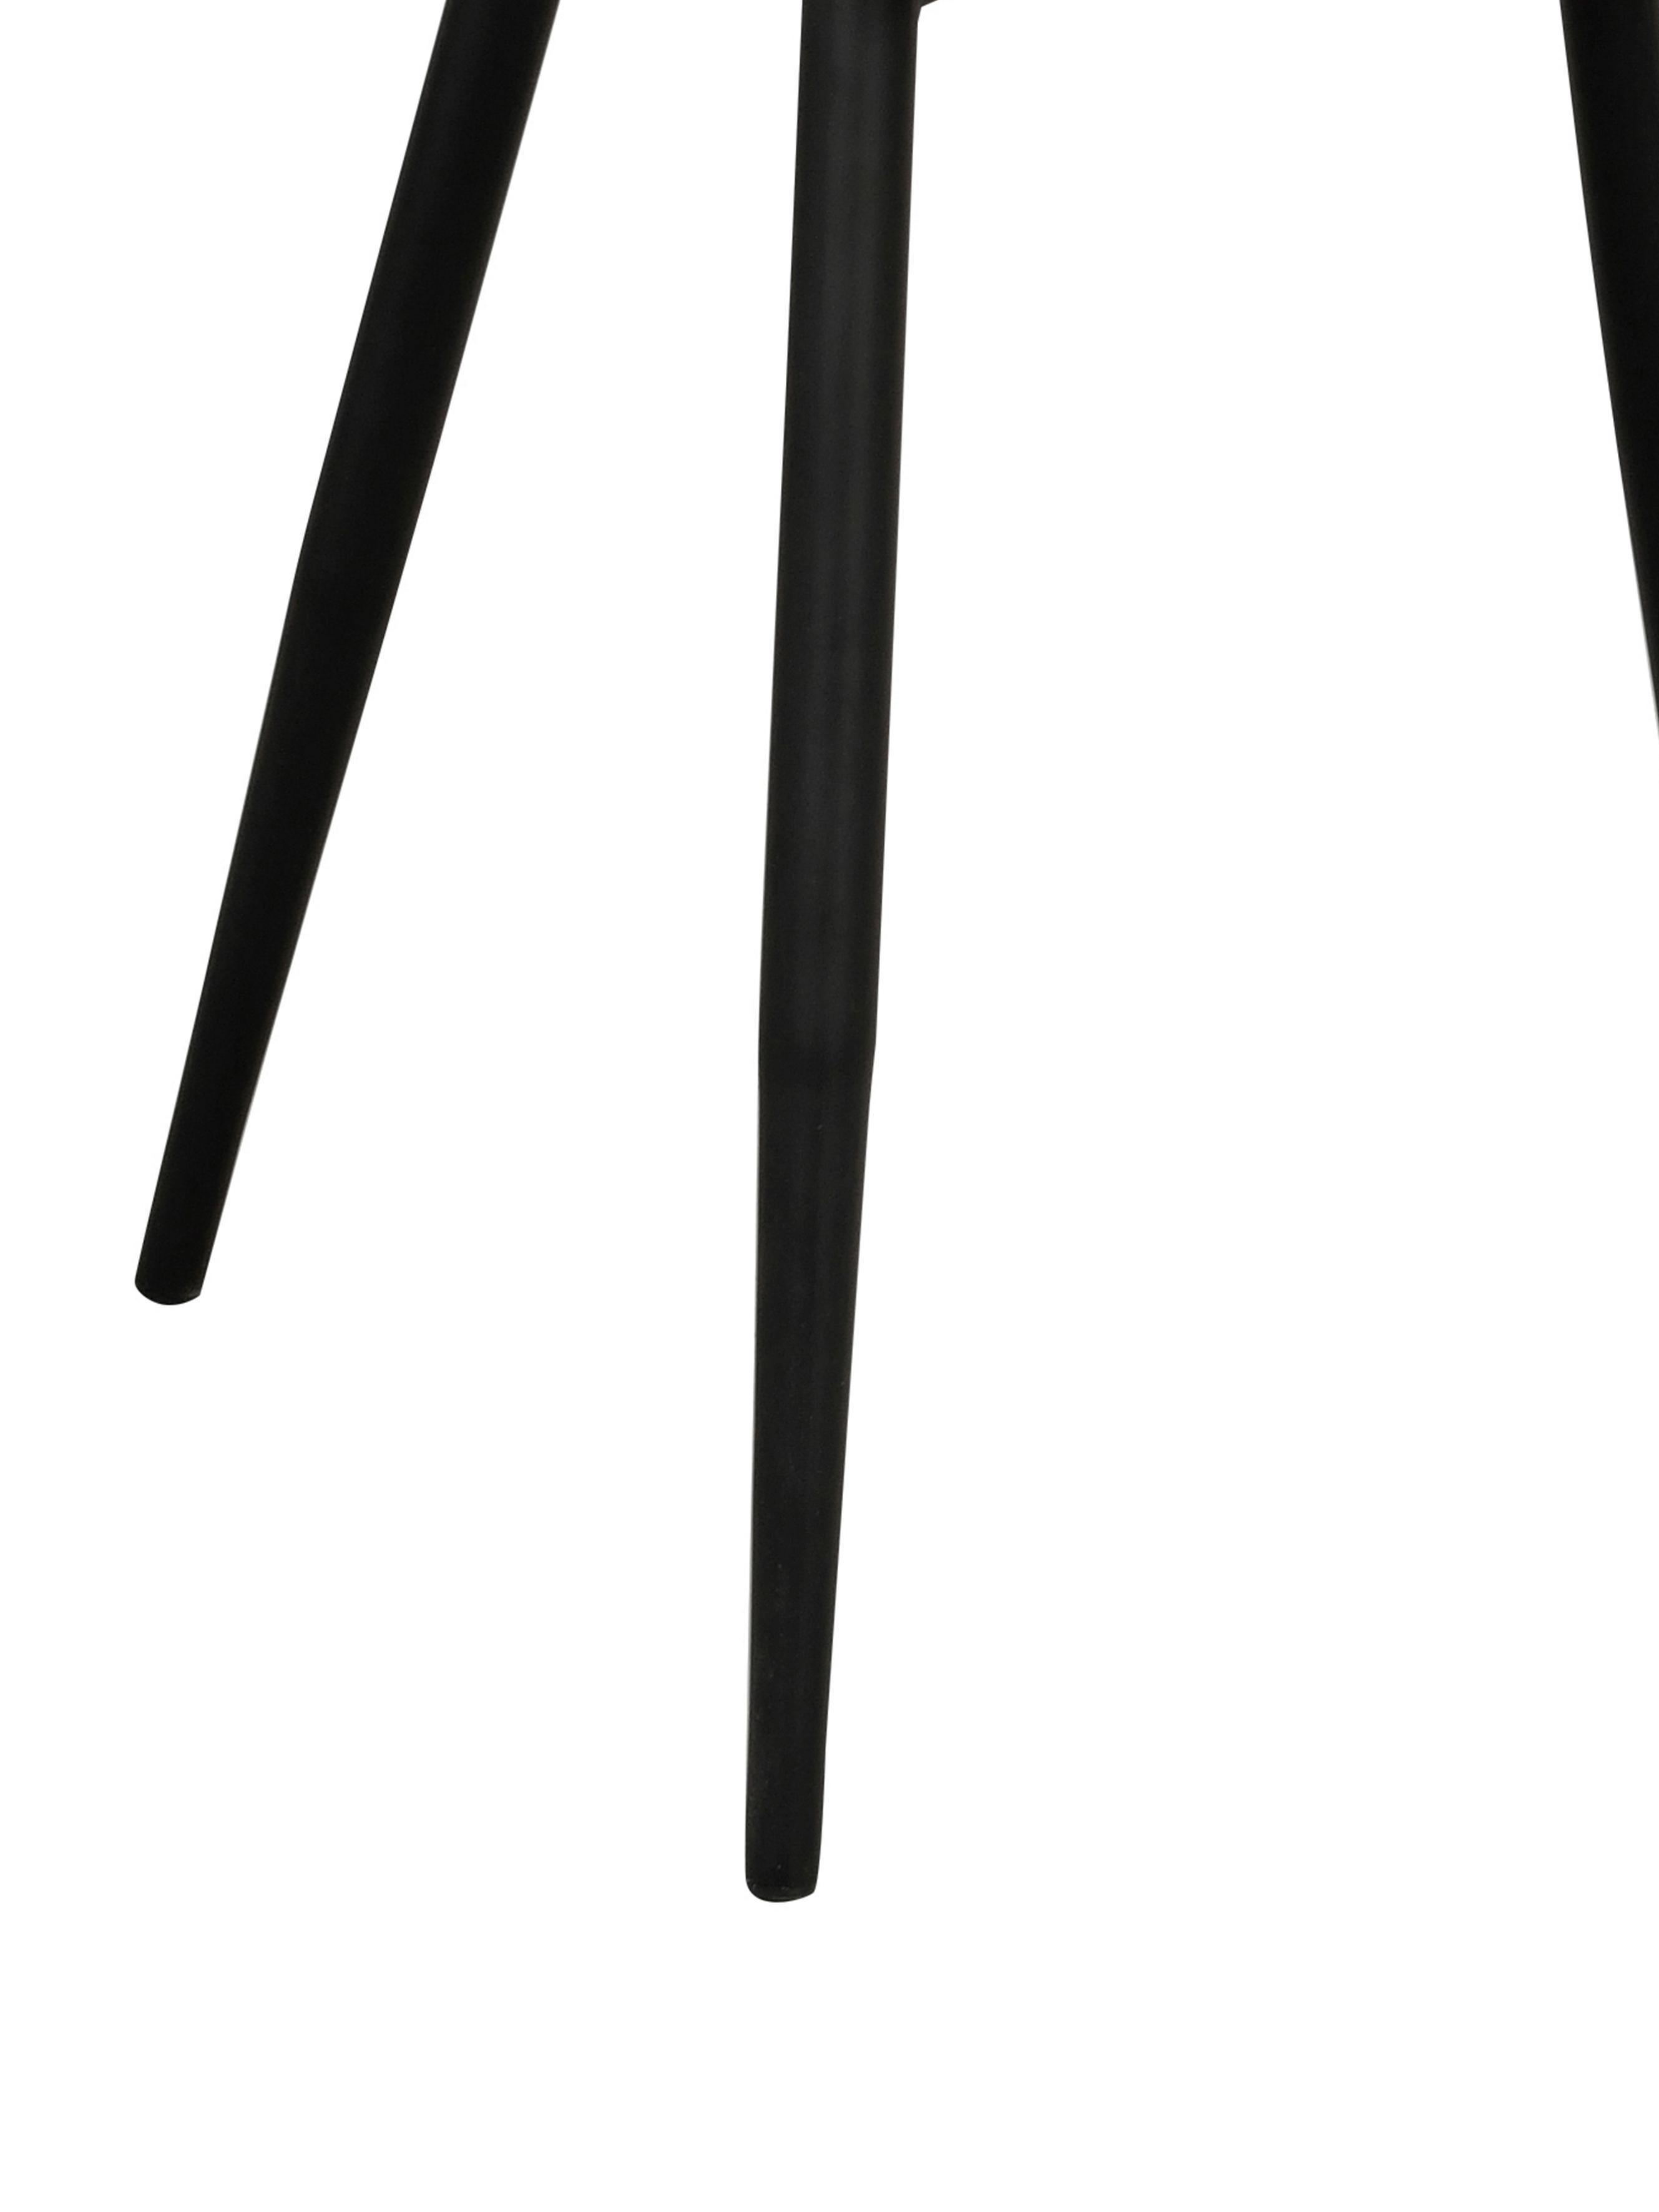 Chaises rembourrées en velours Sierra, 2pièces, Gris, noir